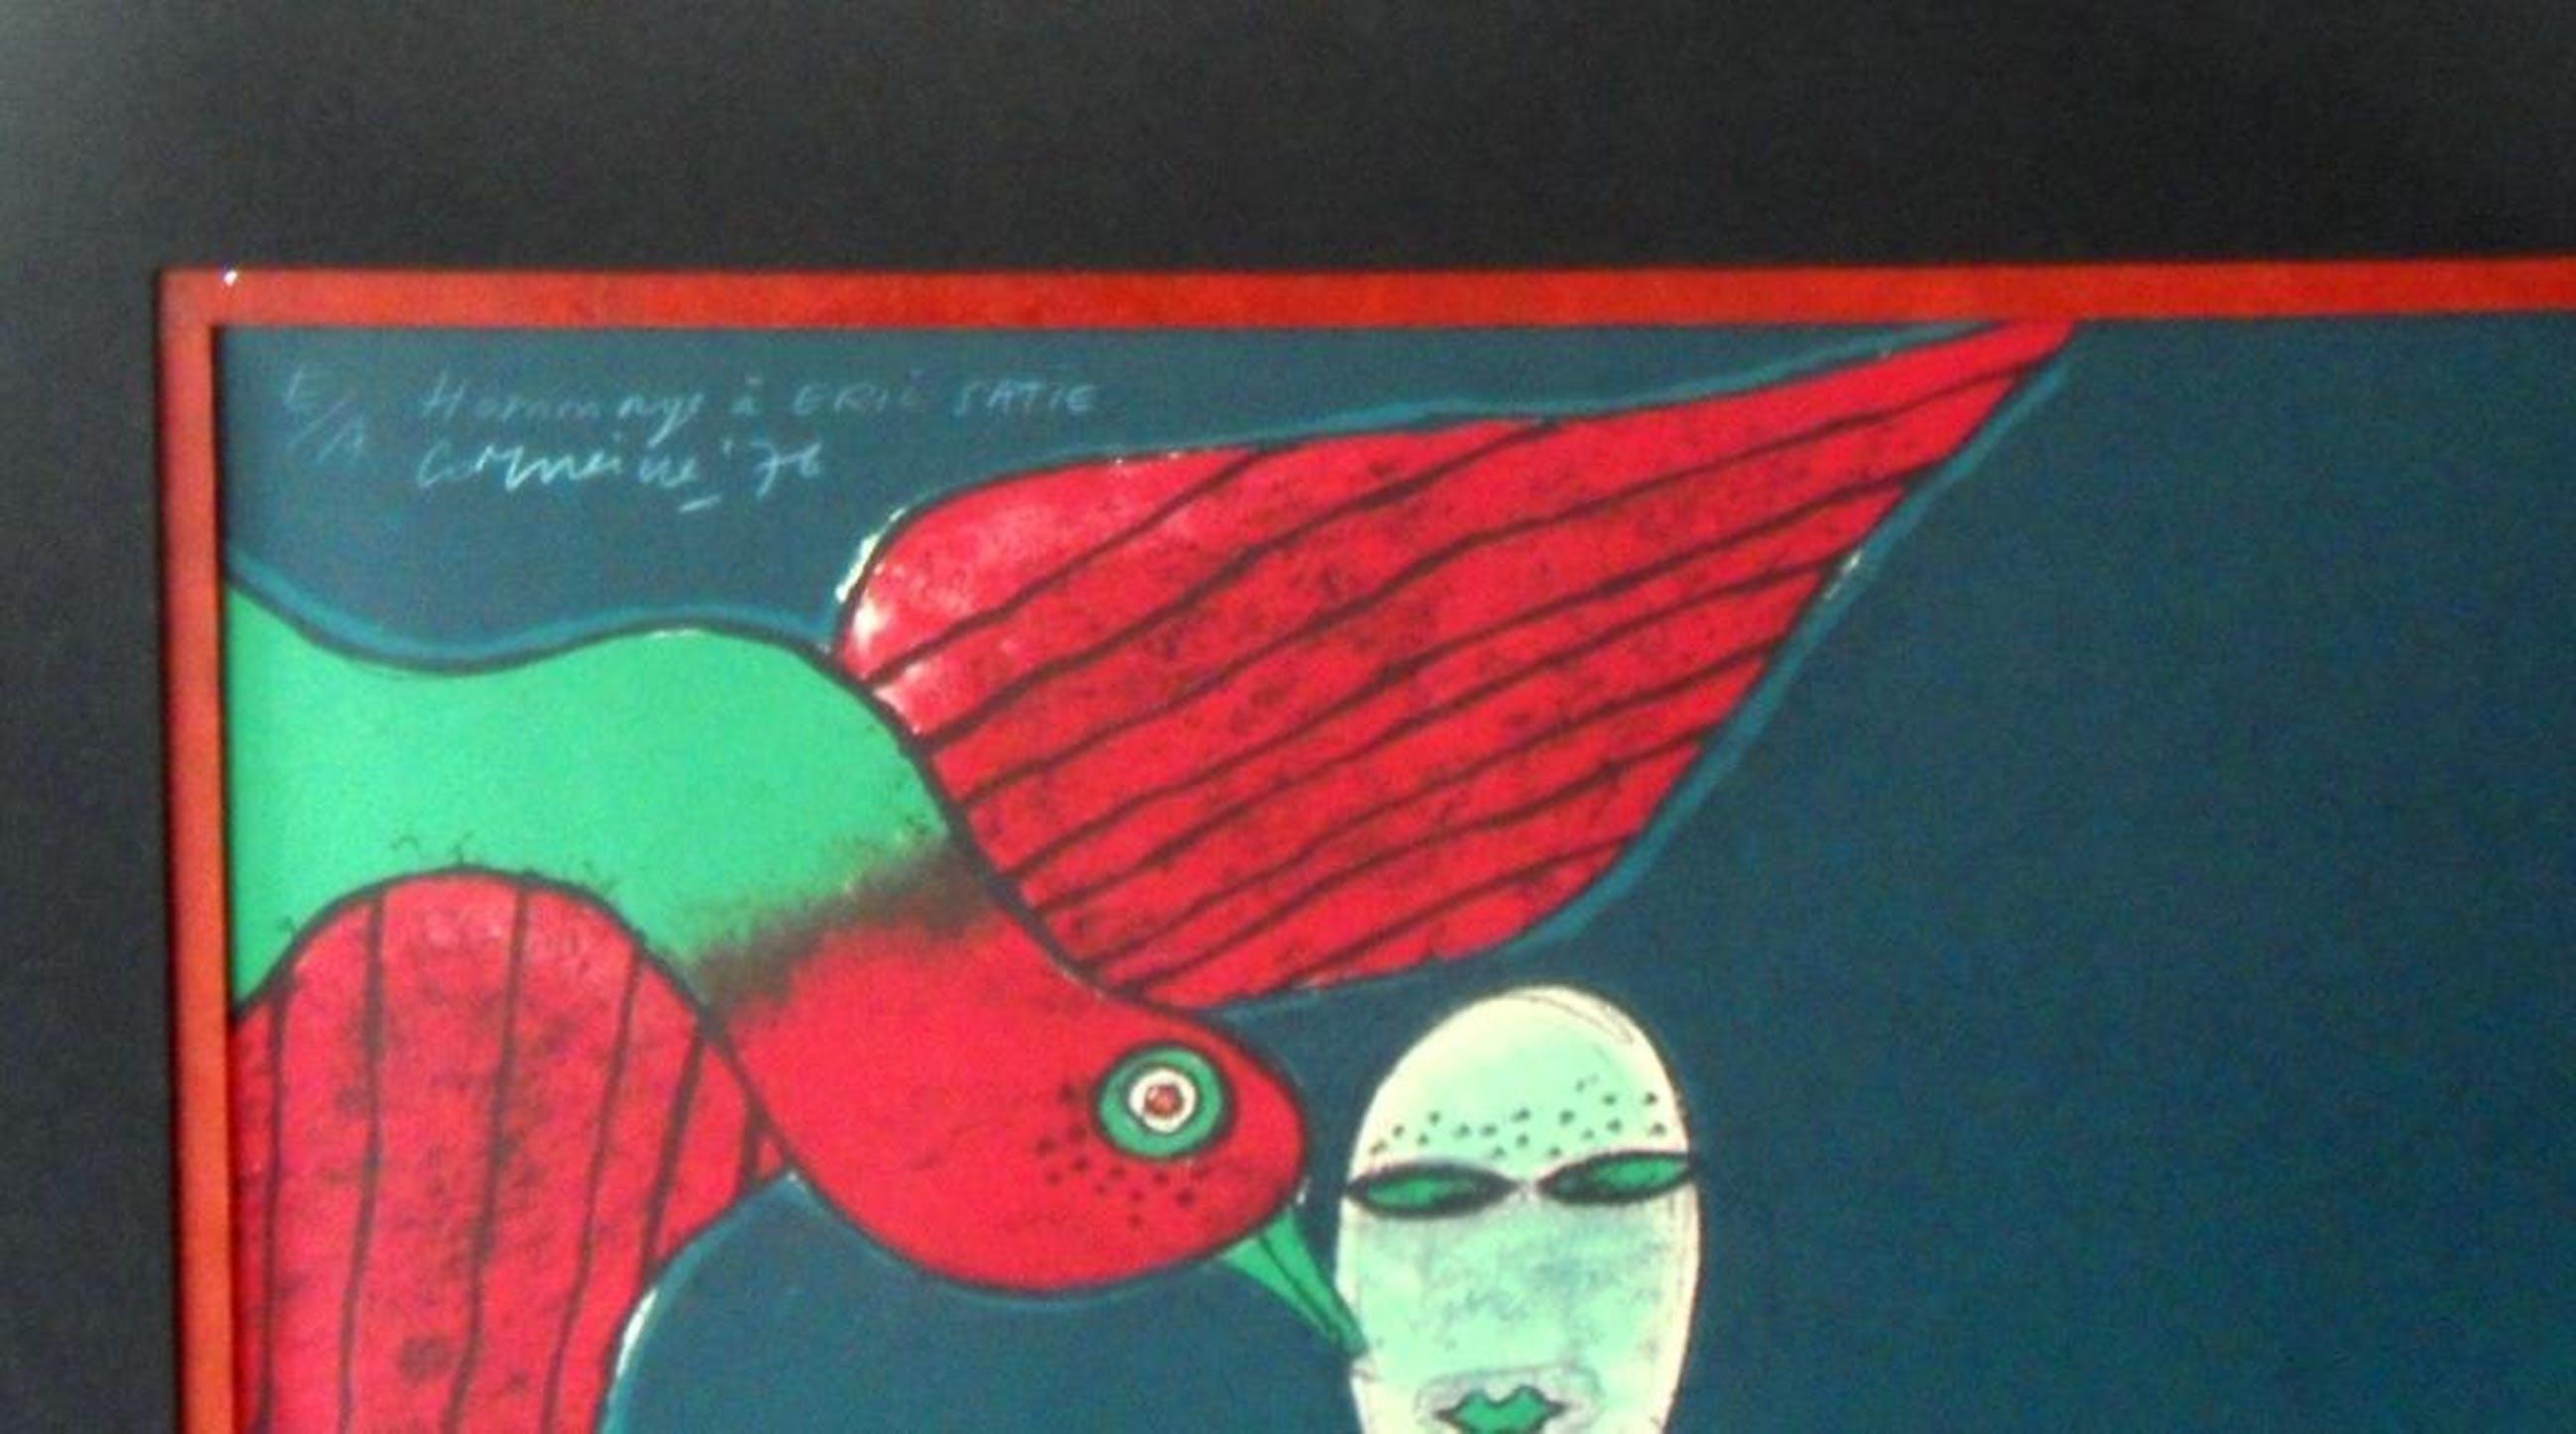 Corneille : Hommage a Eric Satie kopen? Bied vanaf 1!